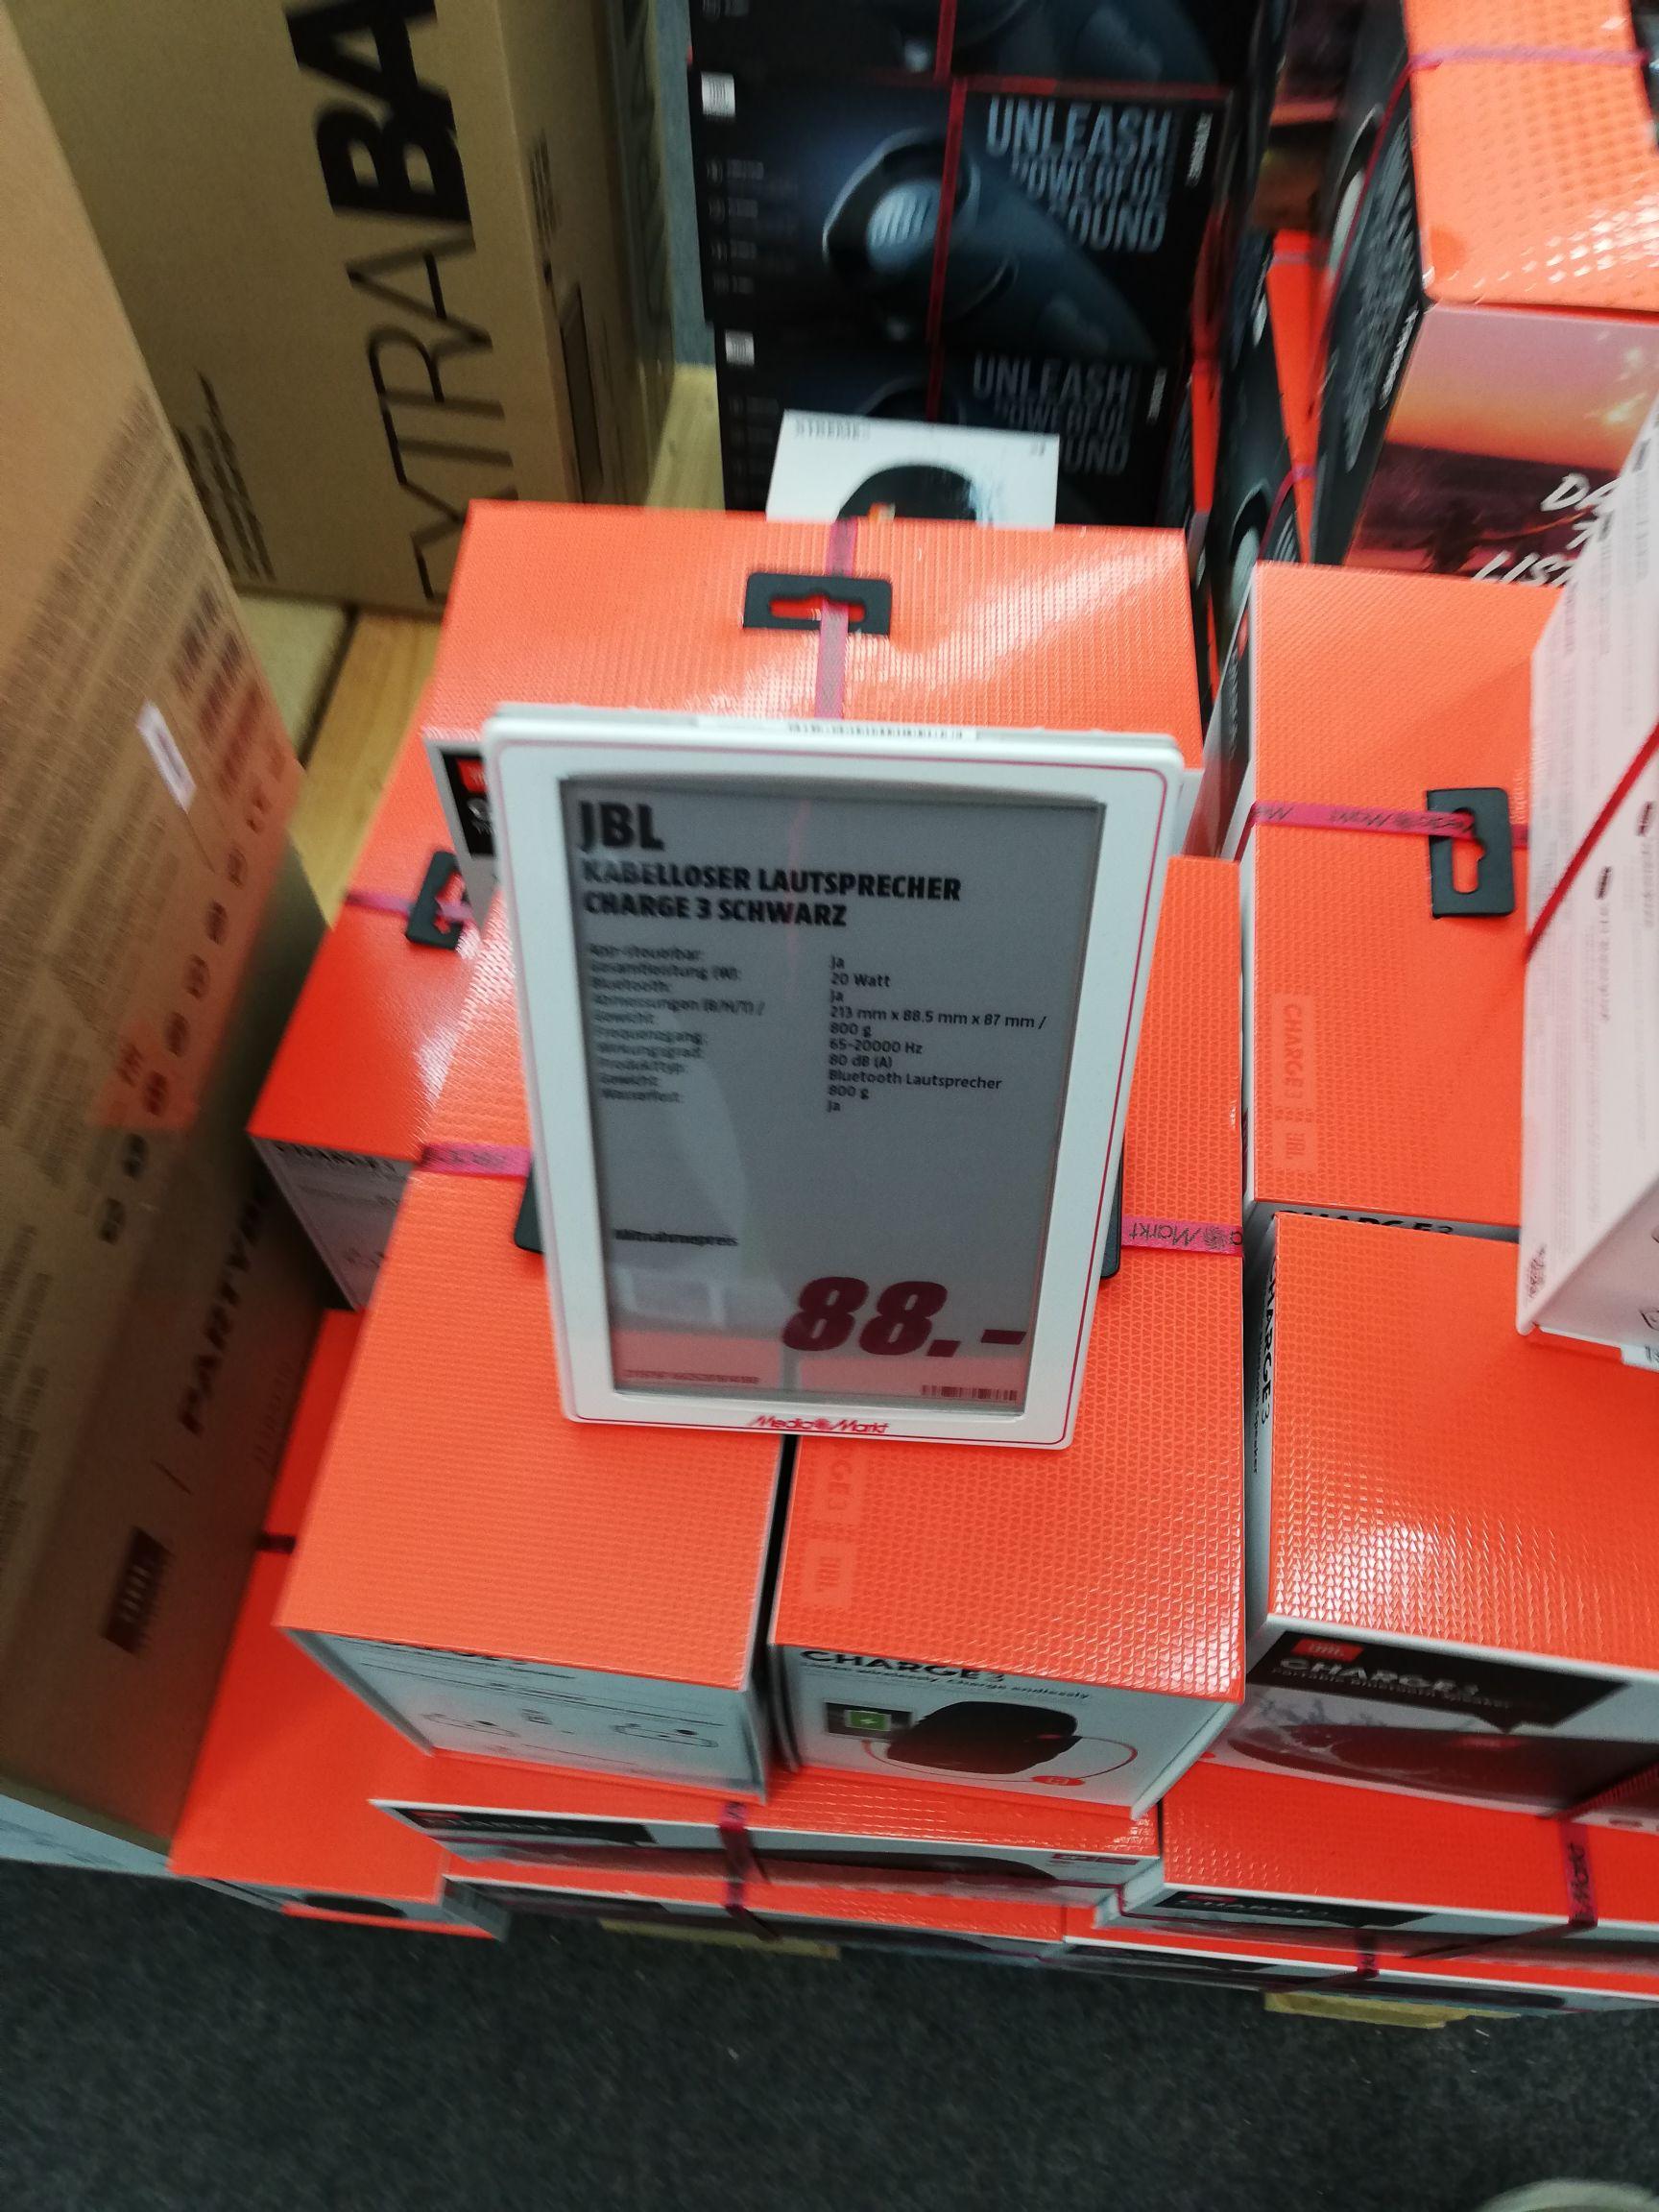 Jbl charge 3 (Lokal Mediamarkt Schwedt)